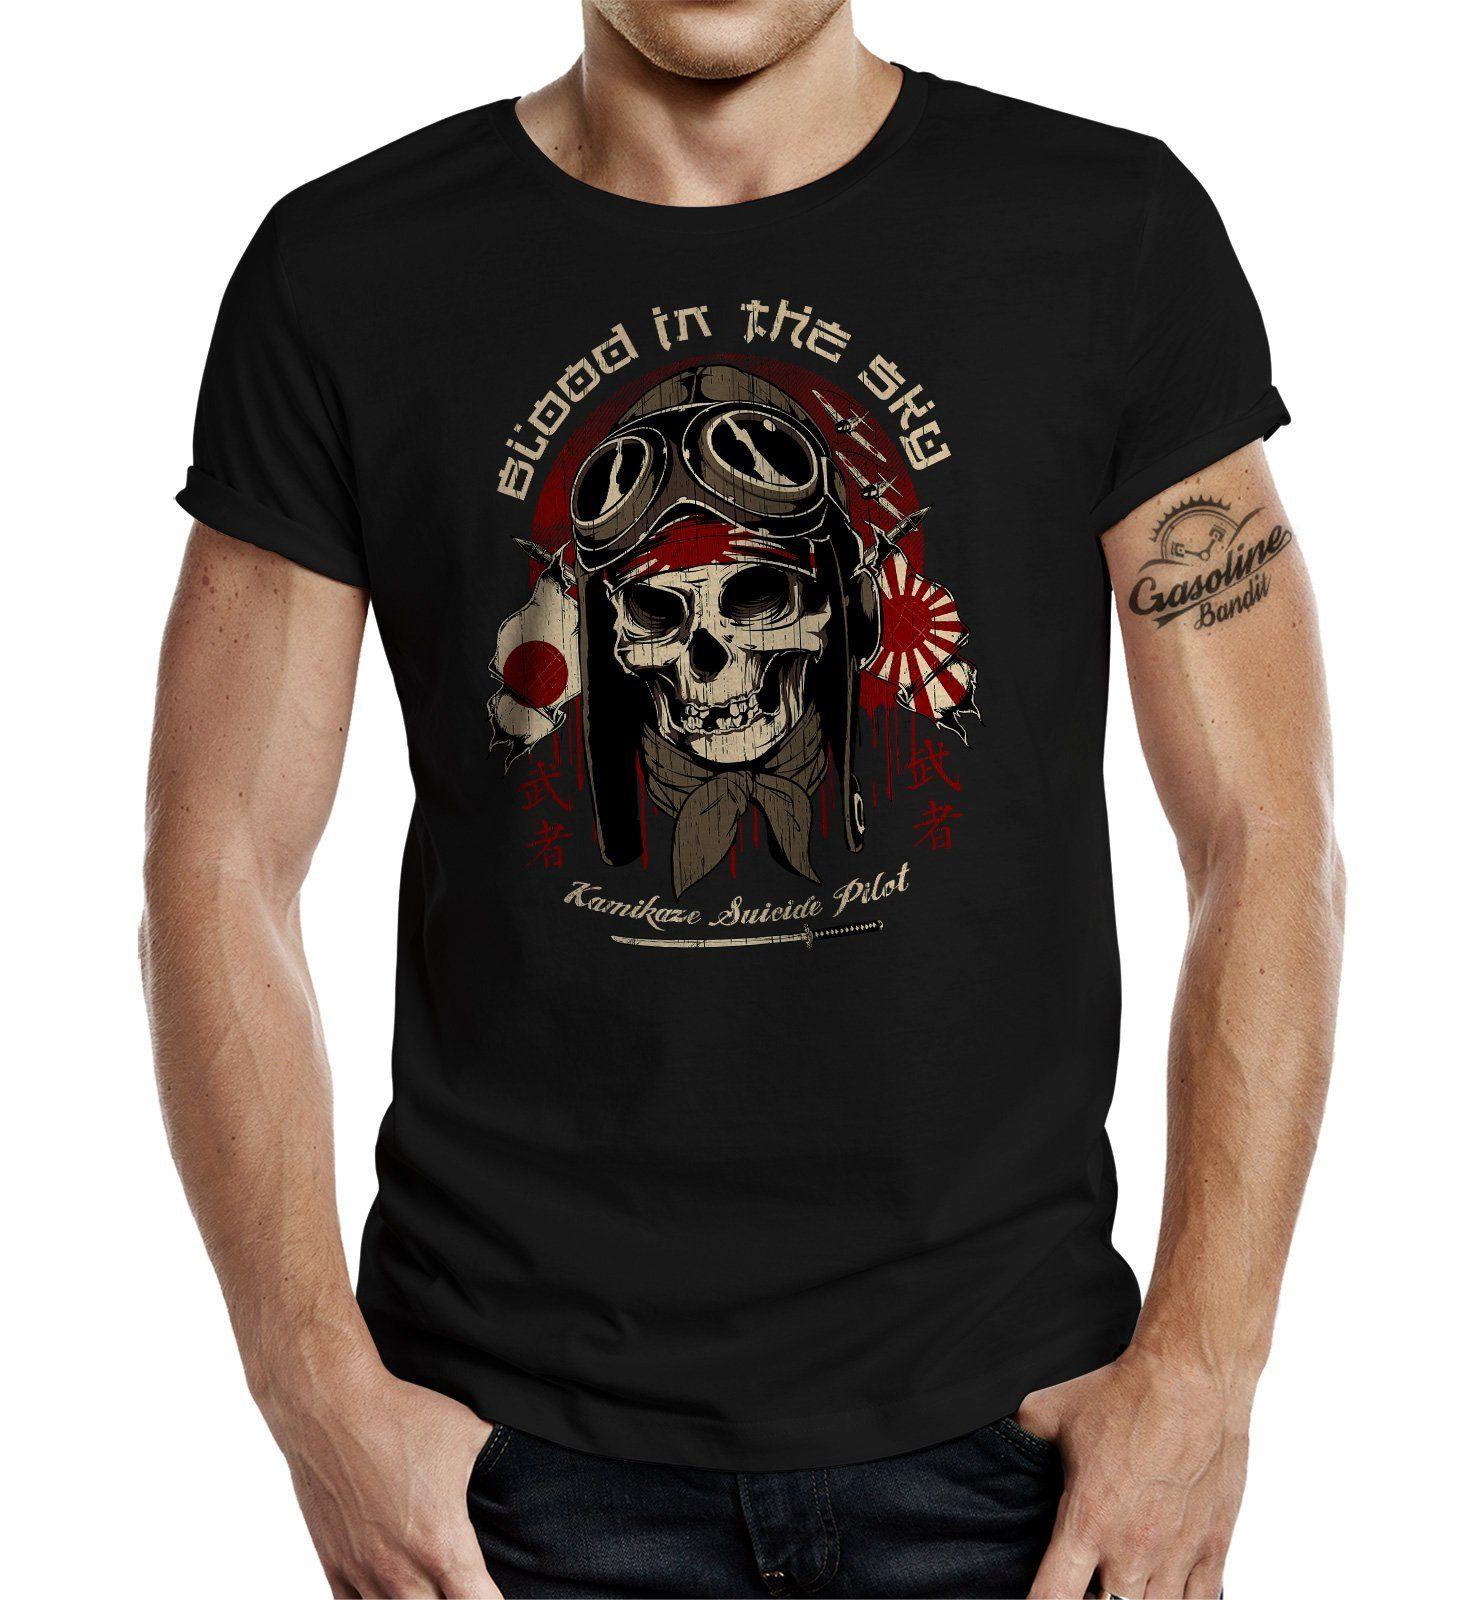 GASOLINE BANDIT T-Shirt mit provokantem Aufdruck schwarz Herren Shirts T-Shirts (kurzarm) 4052743931390